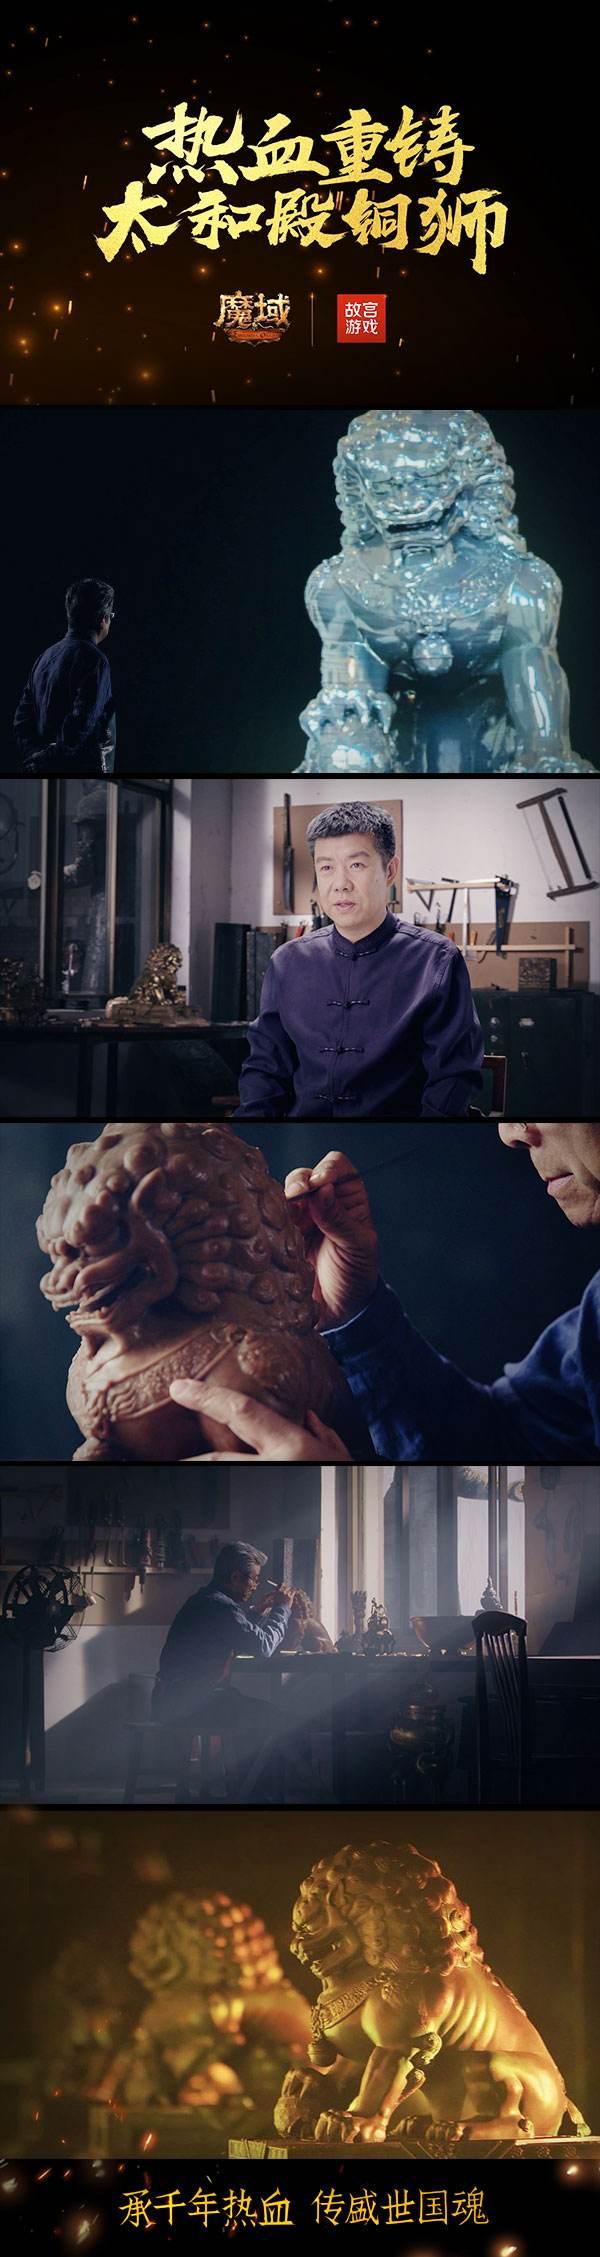 倒计时1天!《魔域》邀文物专家重现太和殿铜狮铸造